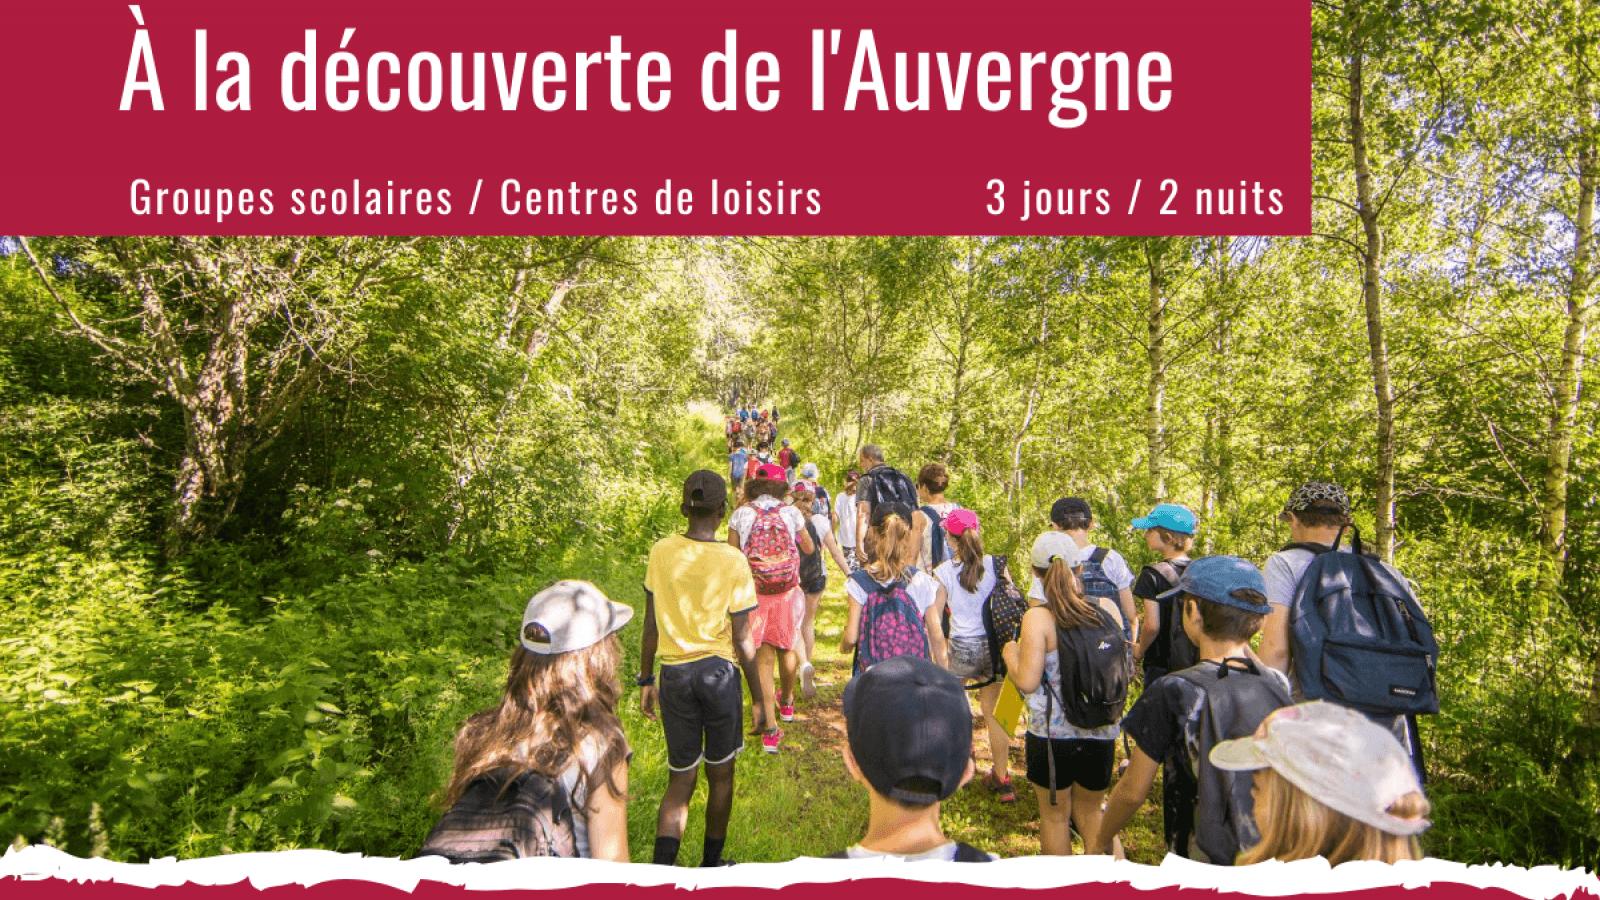 A la découverte de l'Auvergne - séjour groupe sclaire / centre de loisirs